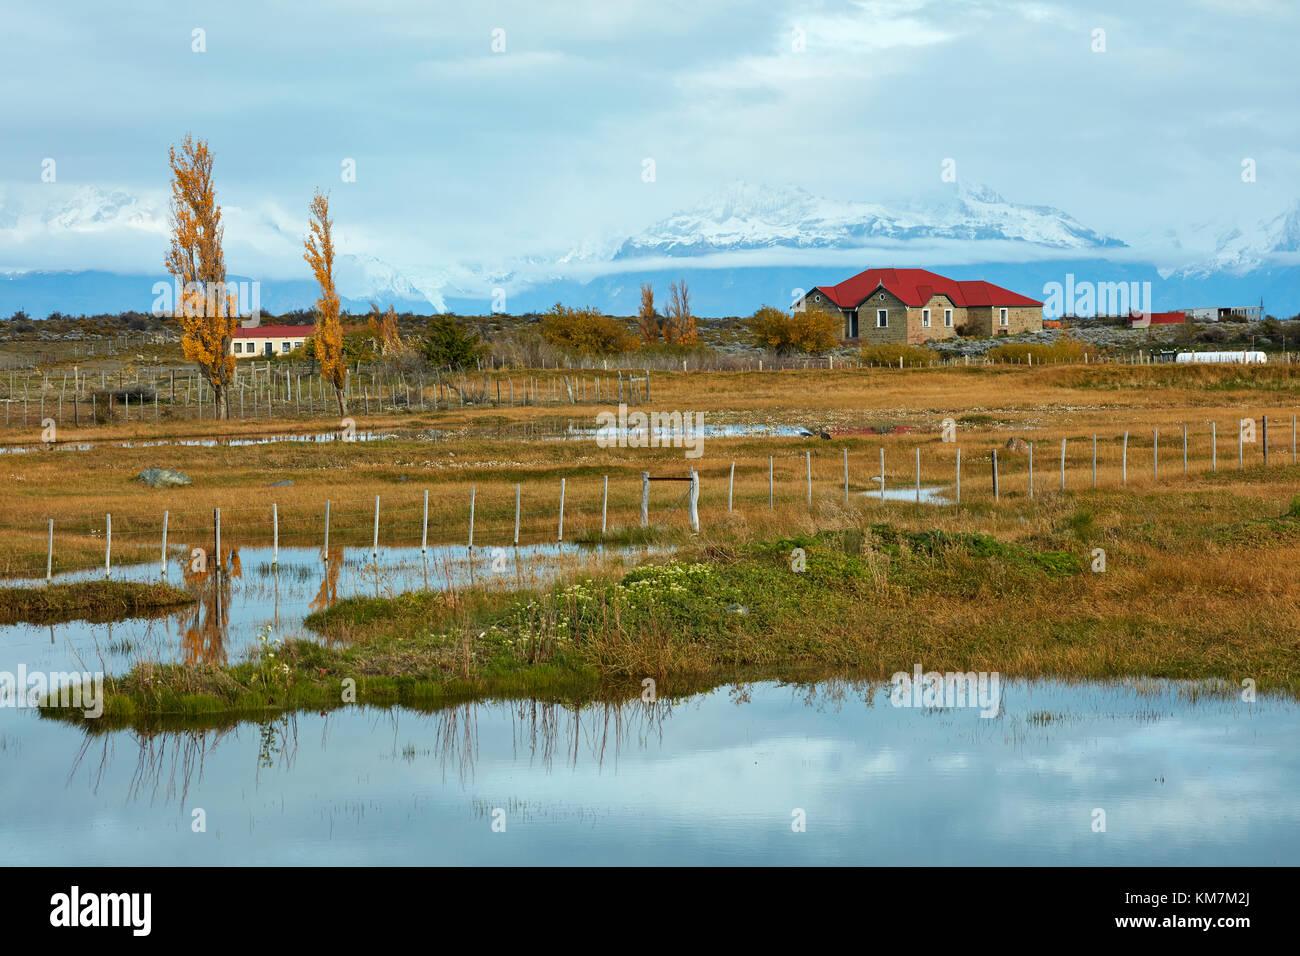 Gîte rural et la montagne près de El Chalten, Patagonie, Argentine, Amérique du Sud Photo Stock